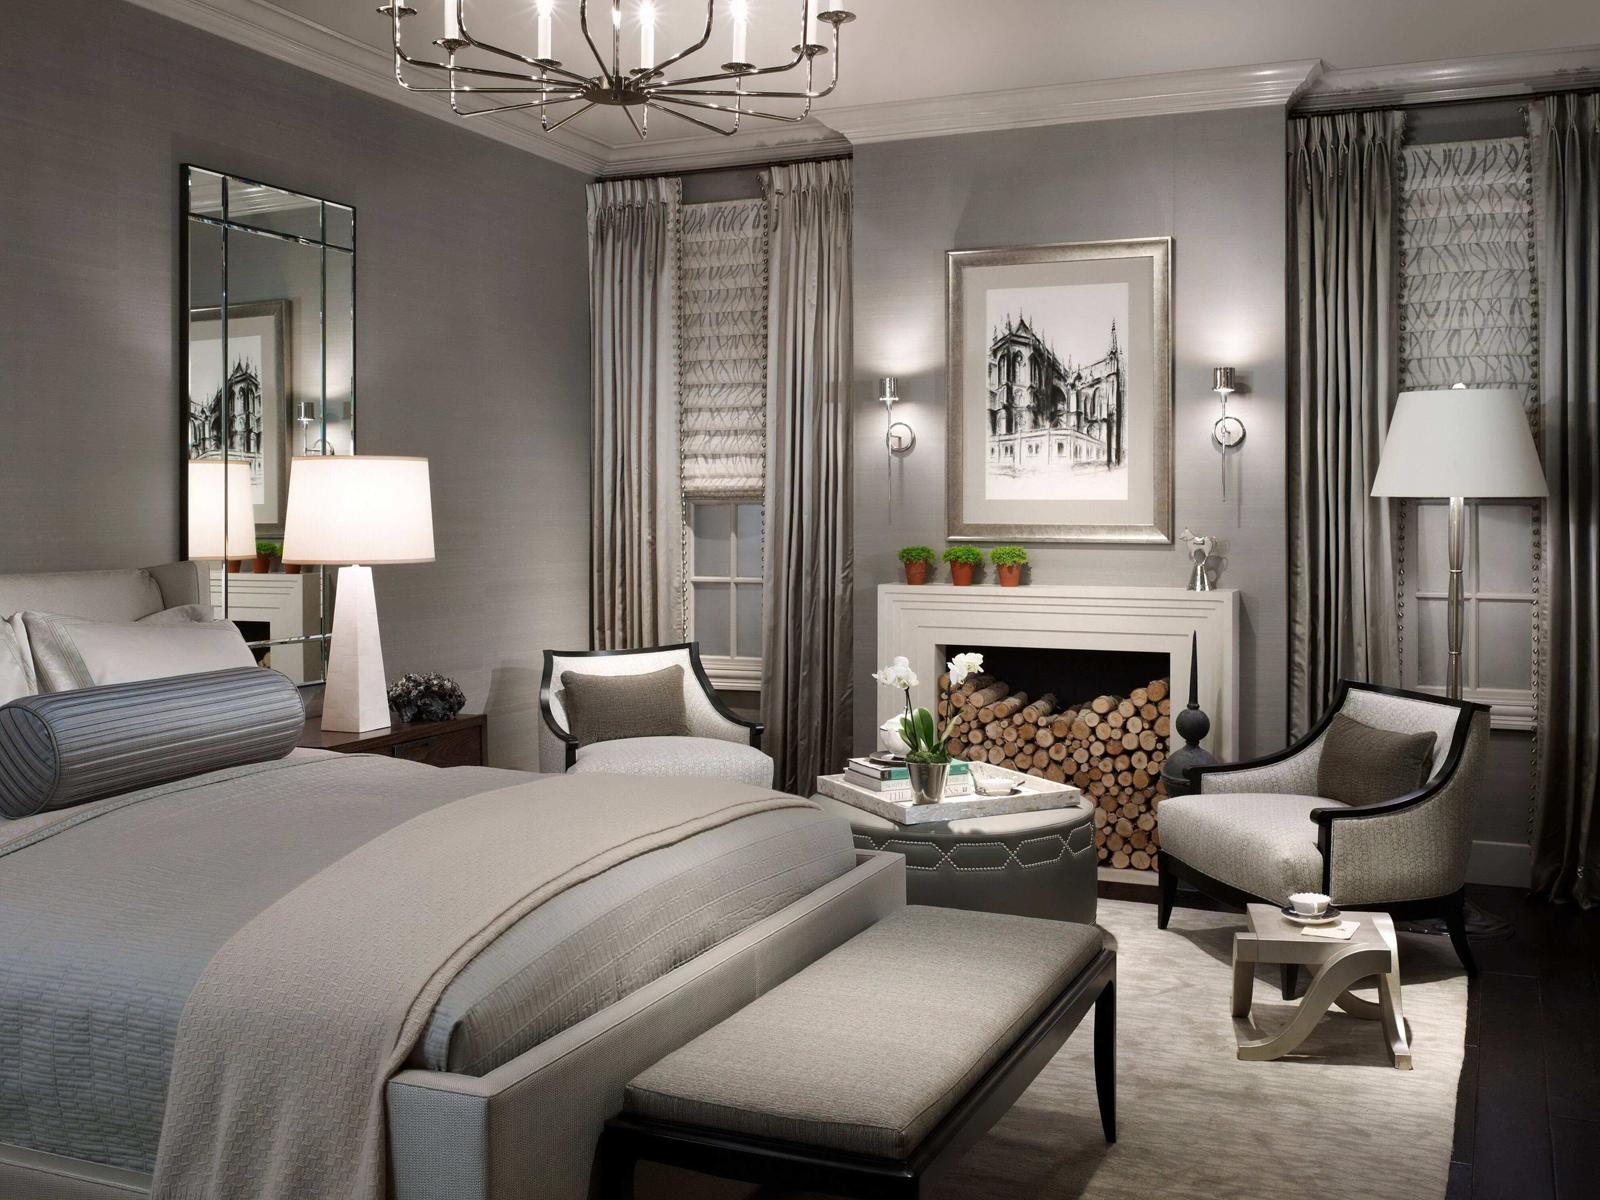 Ilyen legyen a hálószobád, hogy ki se akarj mozdulni belőle ...